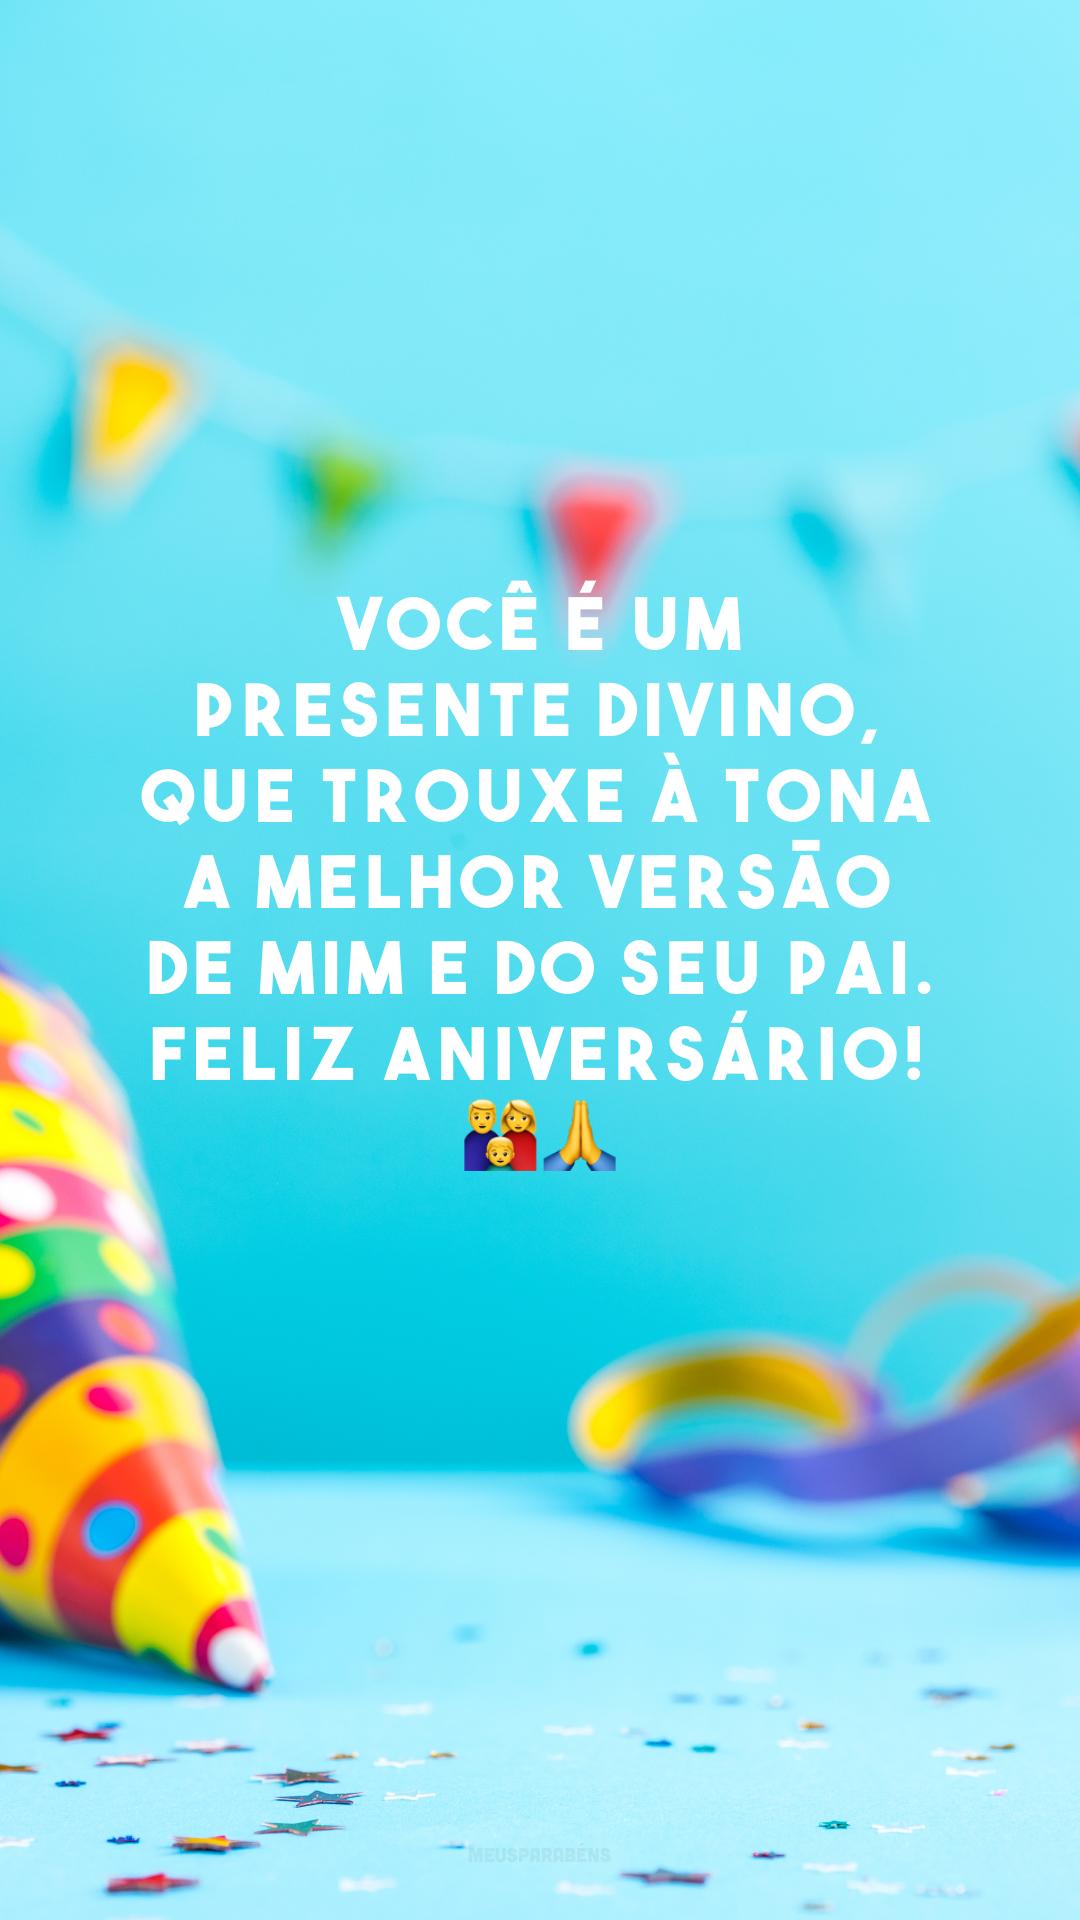 Você é um presente divino, que trouxe à tona a melhor versão de mim e do seu pai. Feliz aniversário! 👪🙏